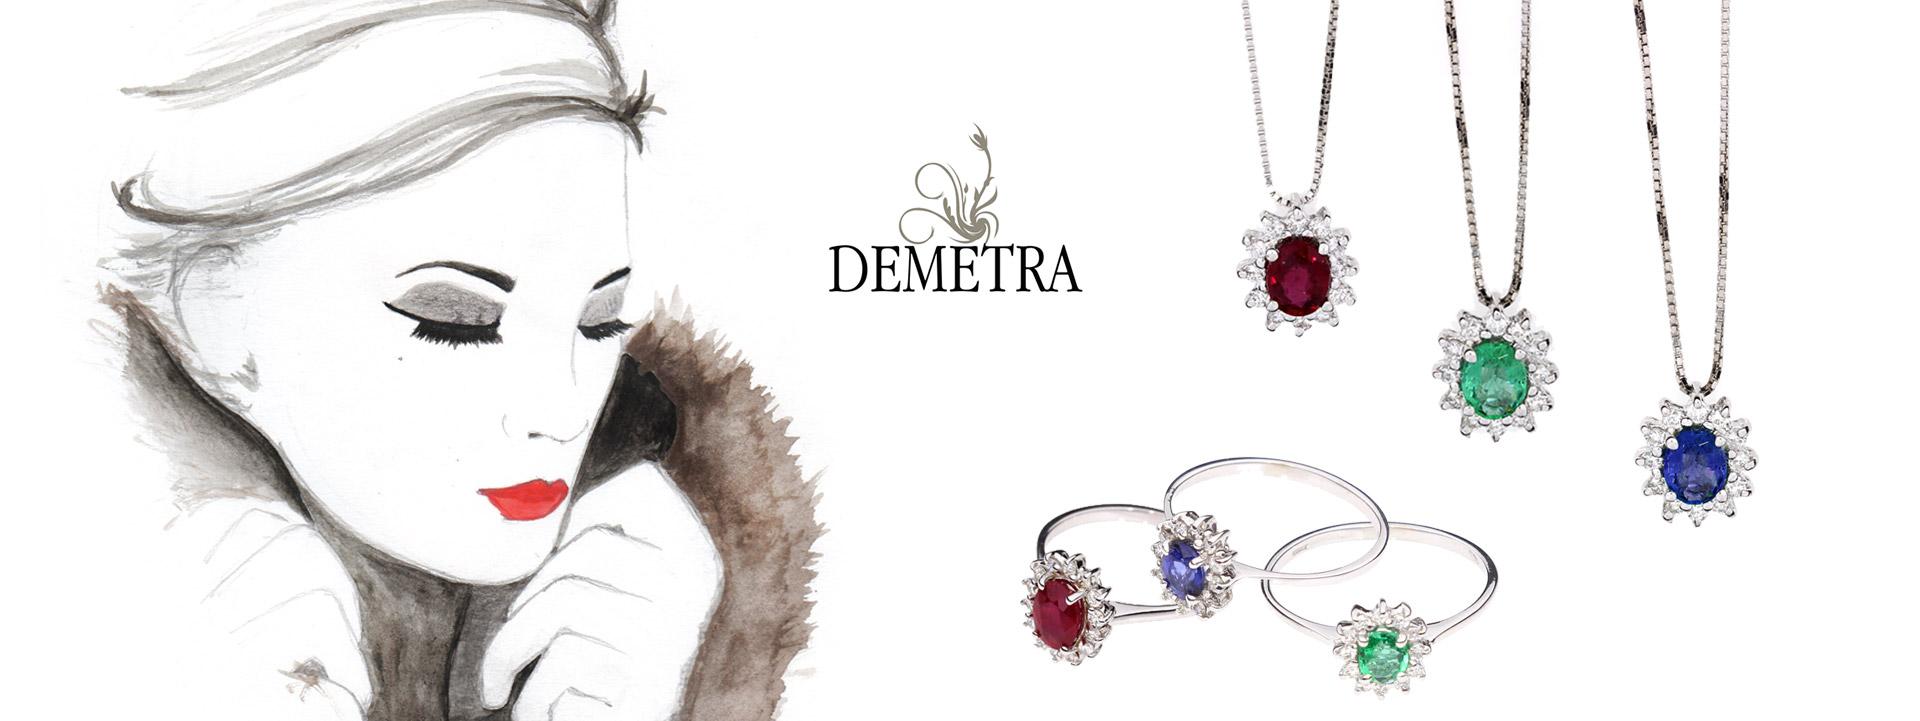 fashion design prezzi rivenditore all'ingrosso Jewels Archivi - Allegrini gioielli